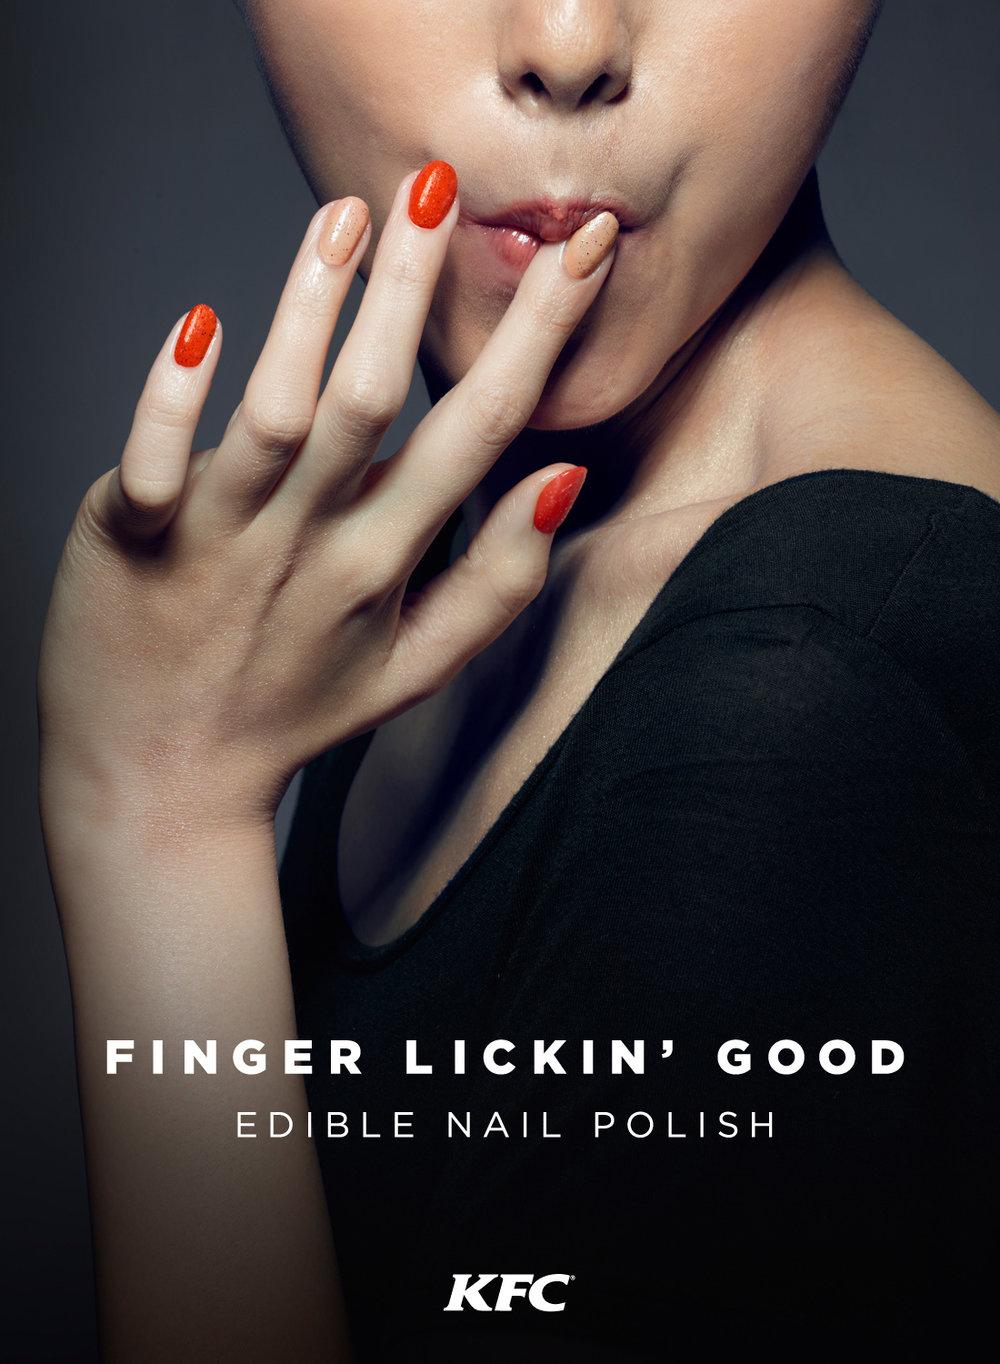 kfc-nail-polish-woman.jpg